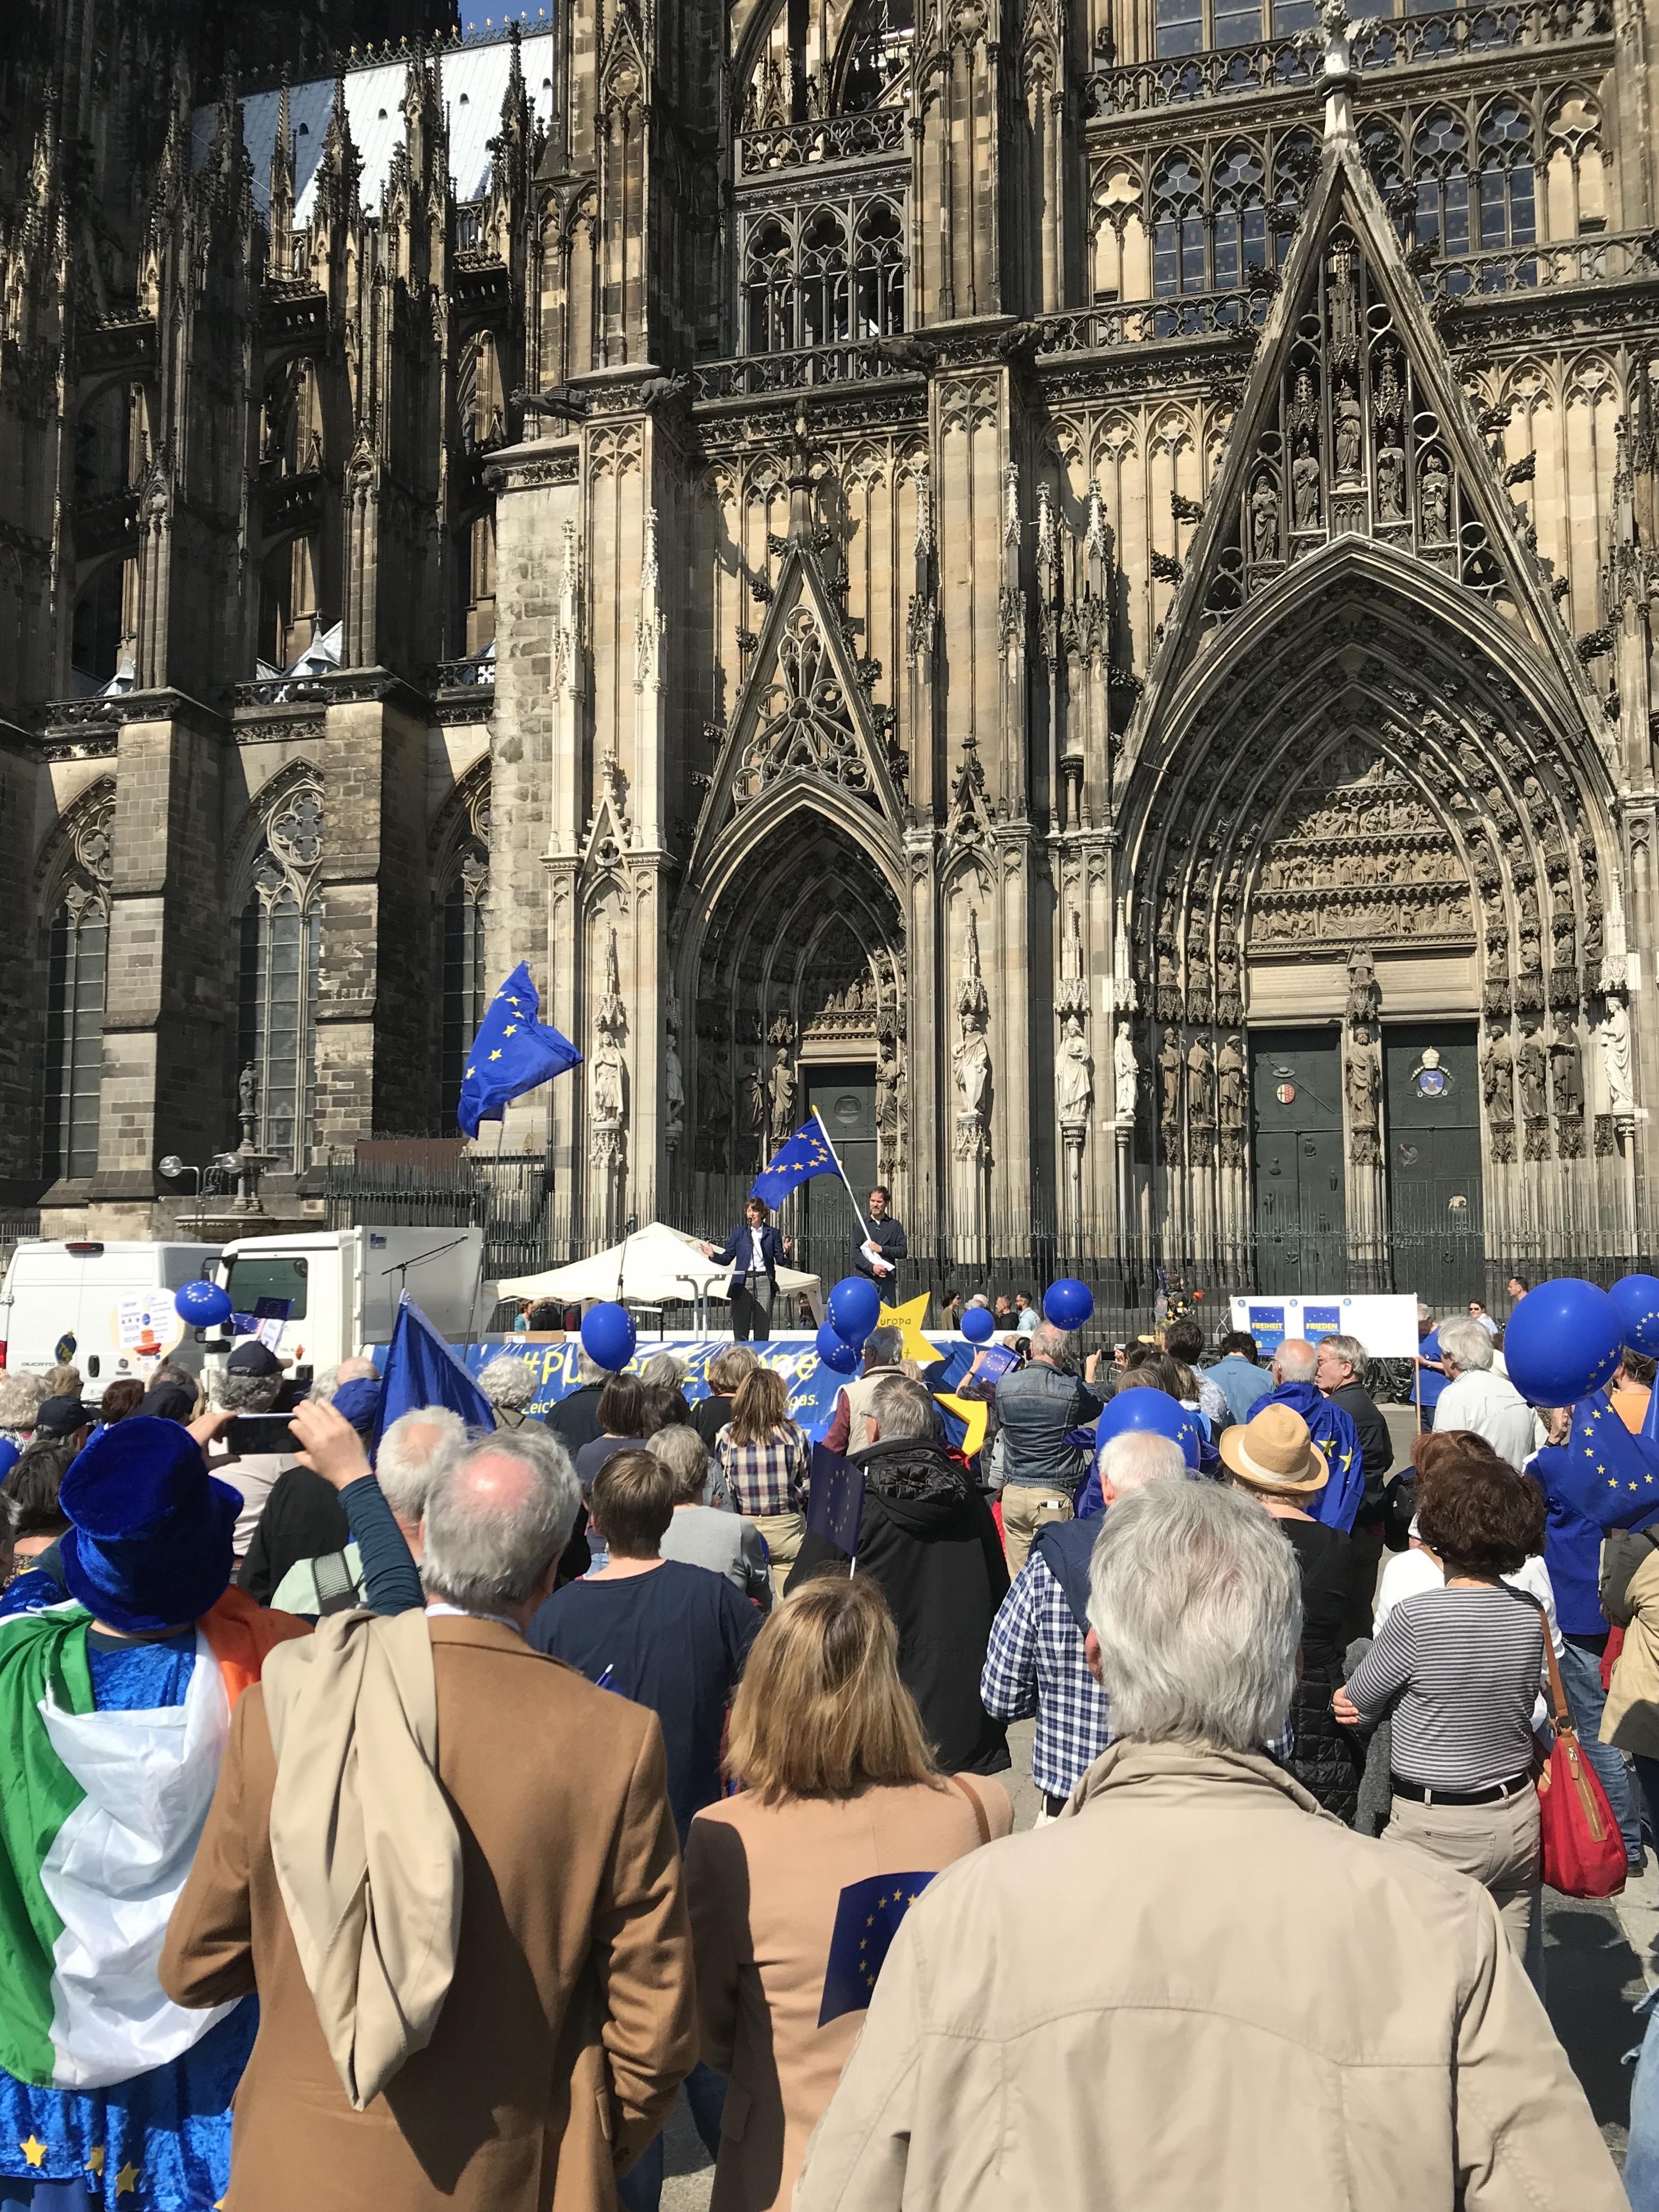 Eine Menge mit blauen EU-Flaggen schaut bei strahlendem Sonnenschein Richtung Bühne, welche mit dem Rücken am Seitenportal des Kölner Doms steht. Auf der Bühne aus der Ferne winzig die Oberbürgermeisterin.